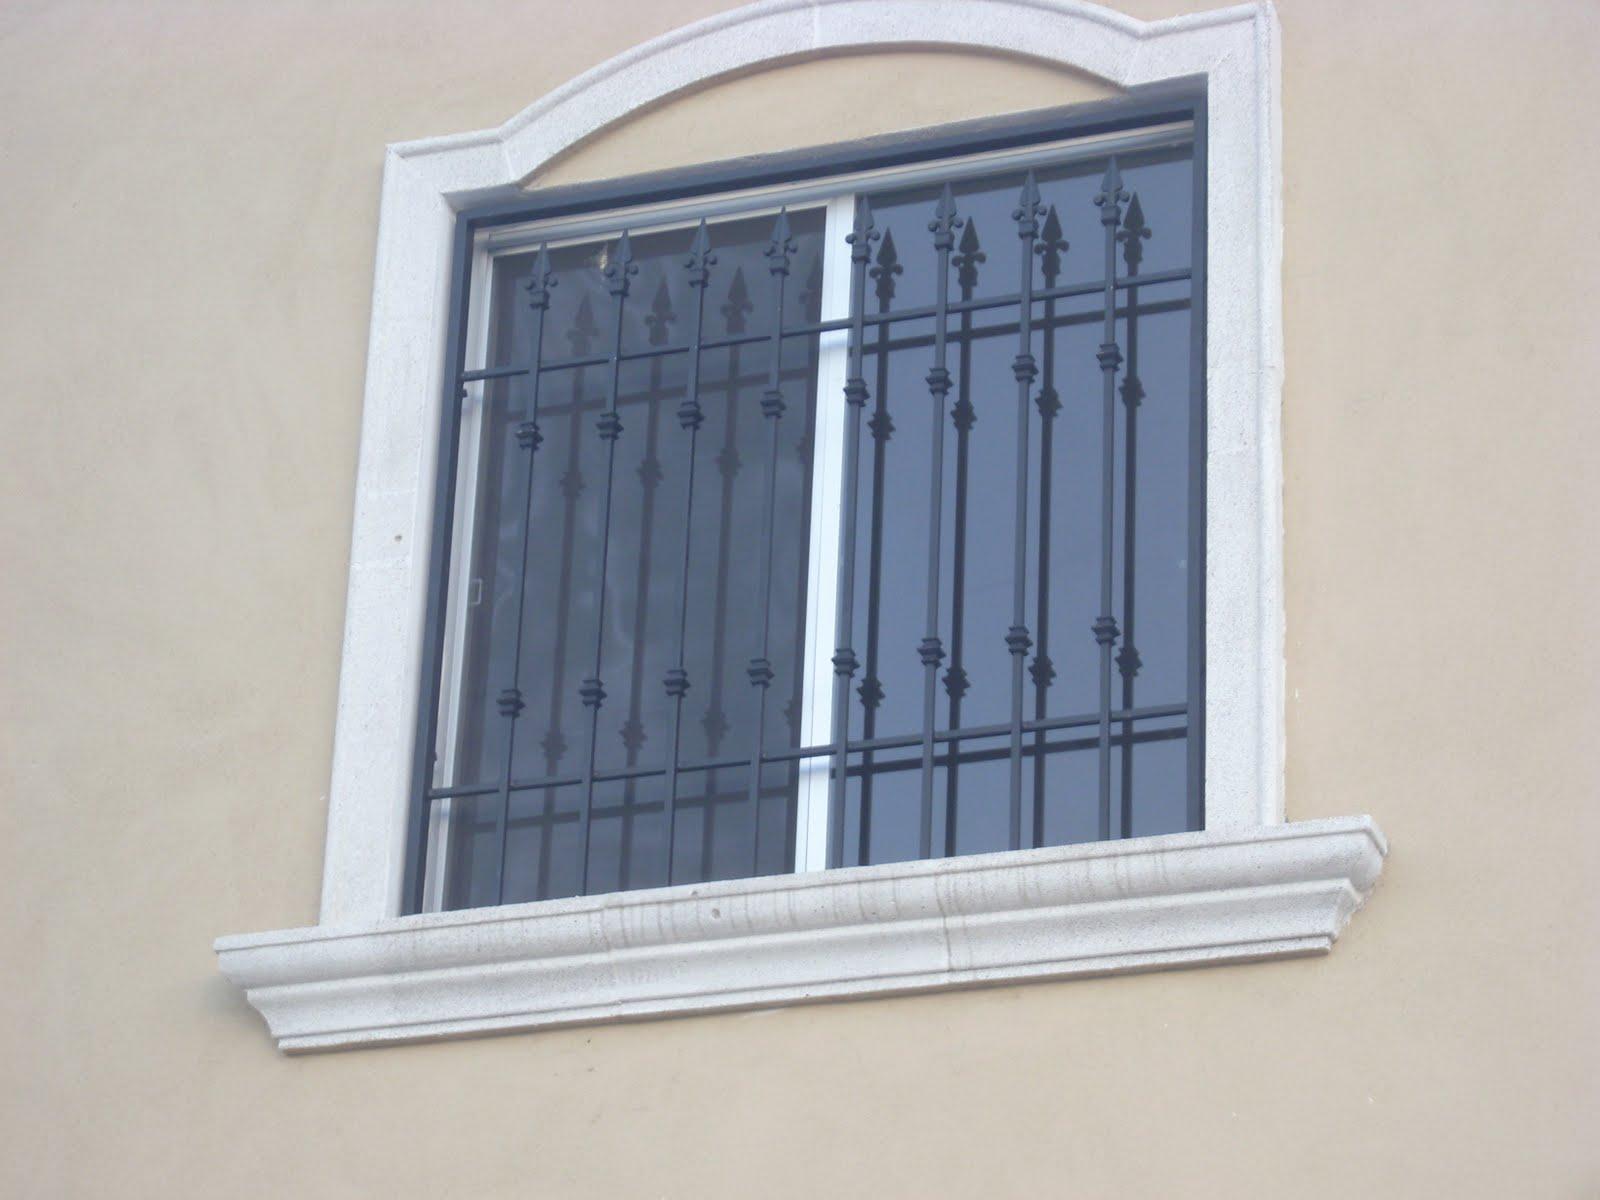 Regio protectores puerta principal de hierro forjado fracc - Puertas hierro forjado ...